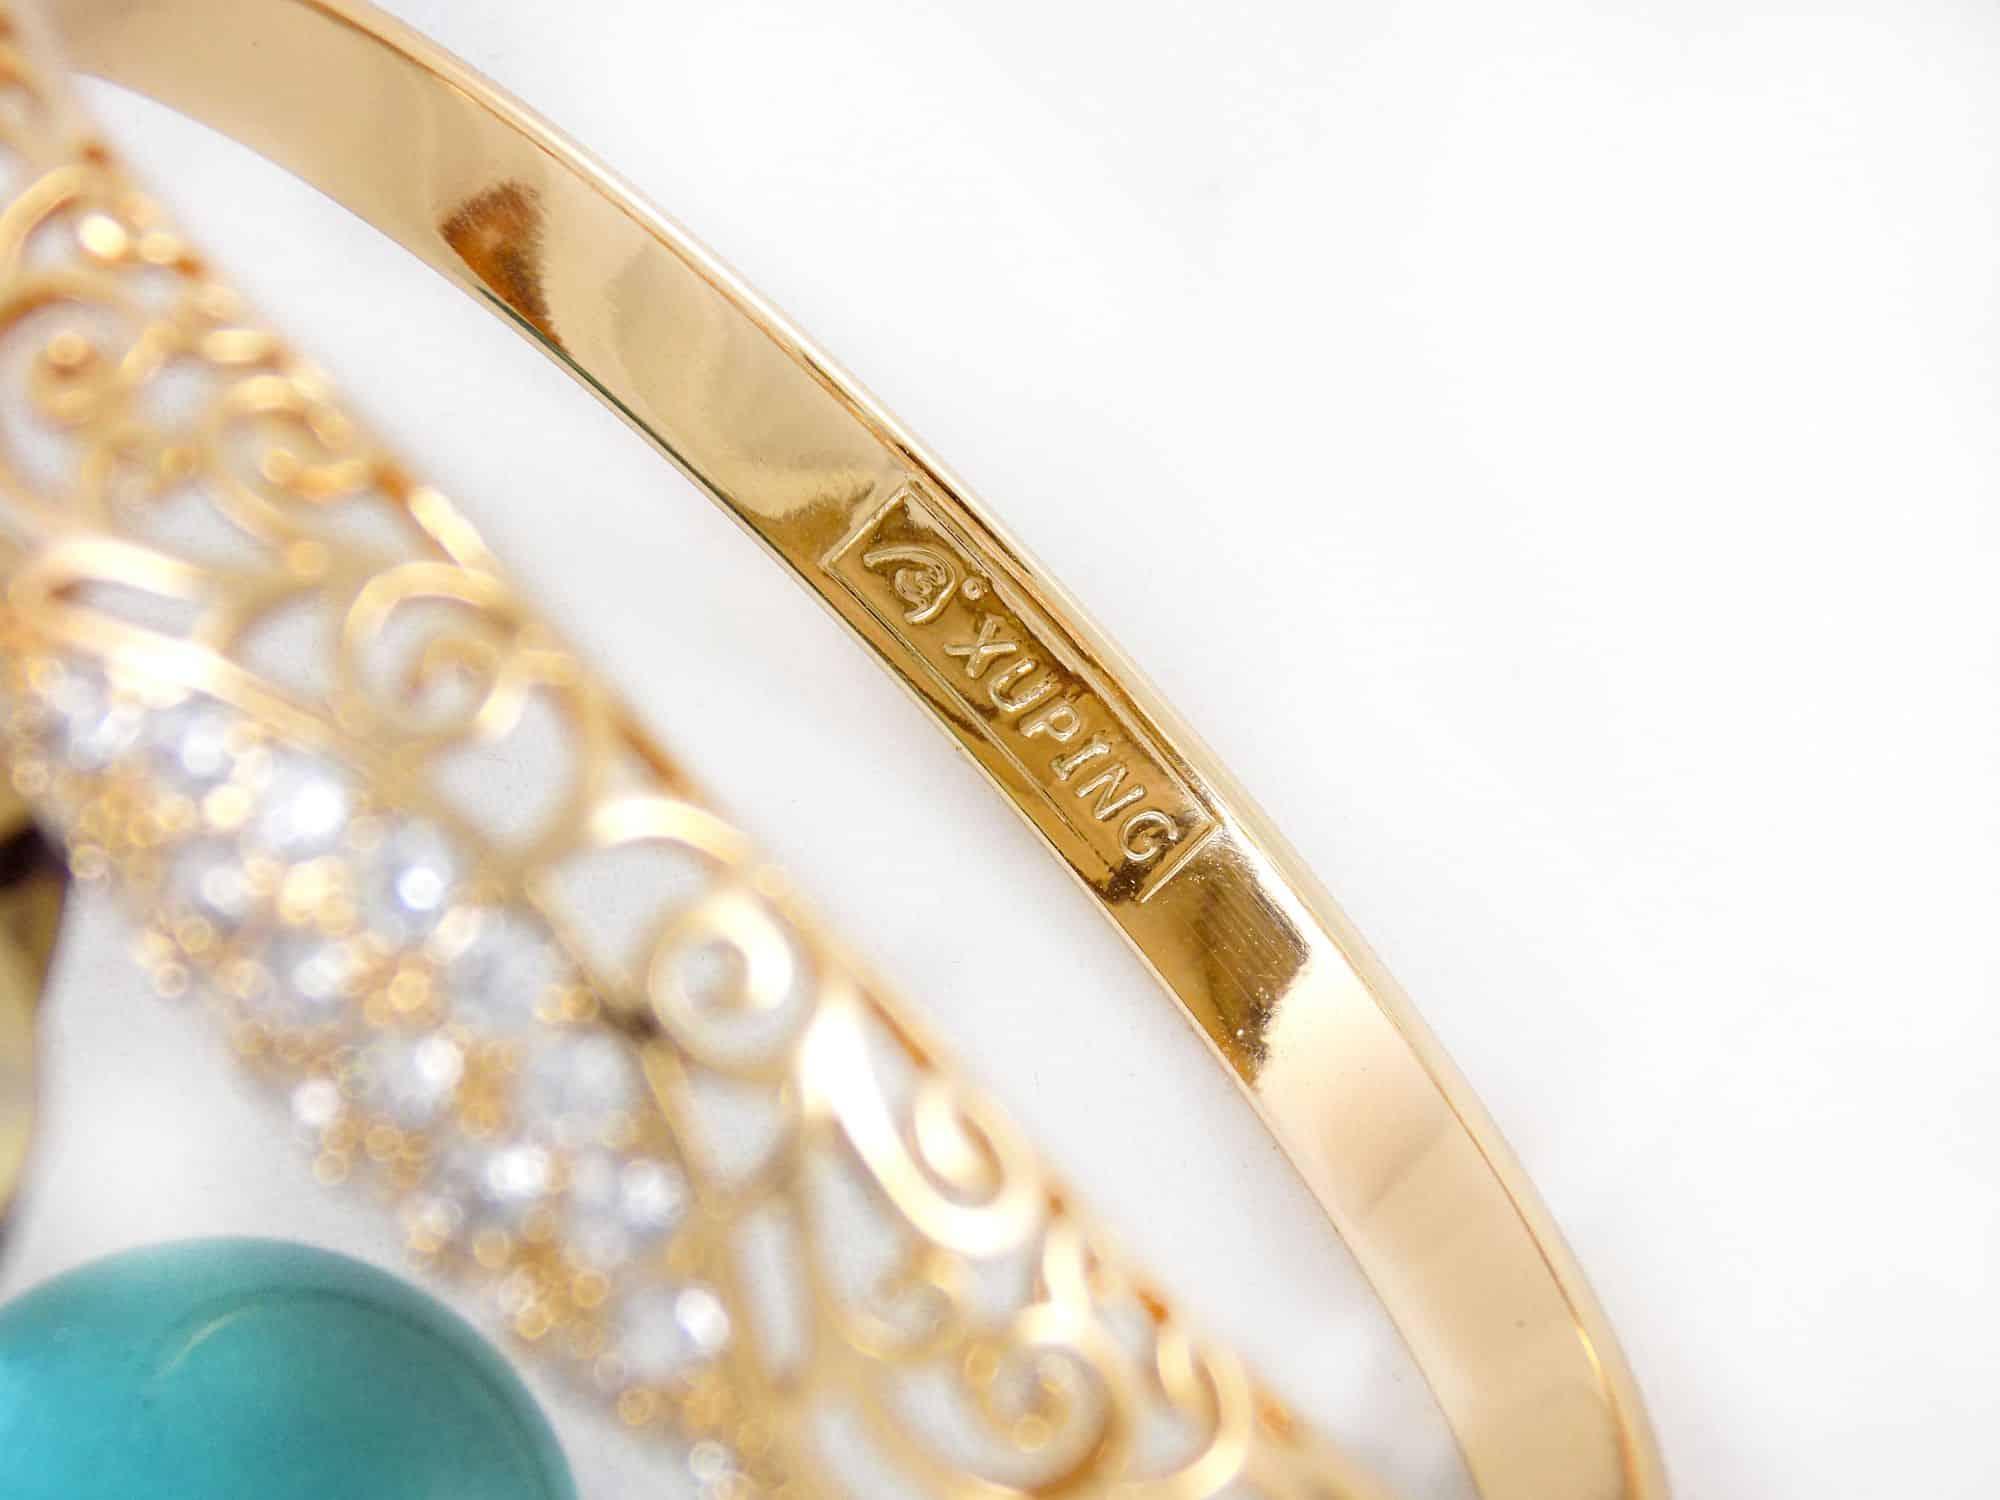 دستبند طرح طلای ژوپینگ با نگین های کریستالی سفید زیرکن ds-n162 (3)